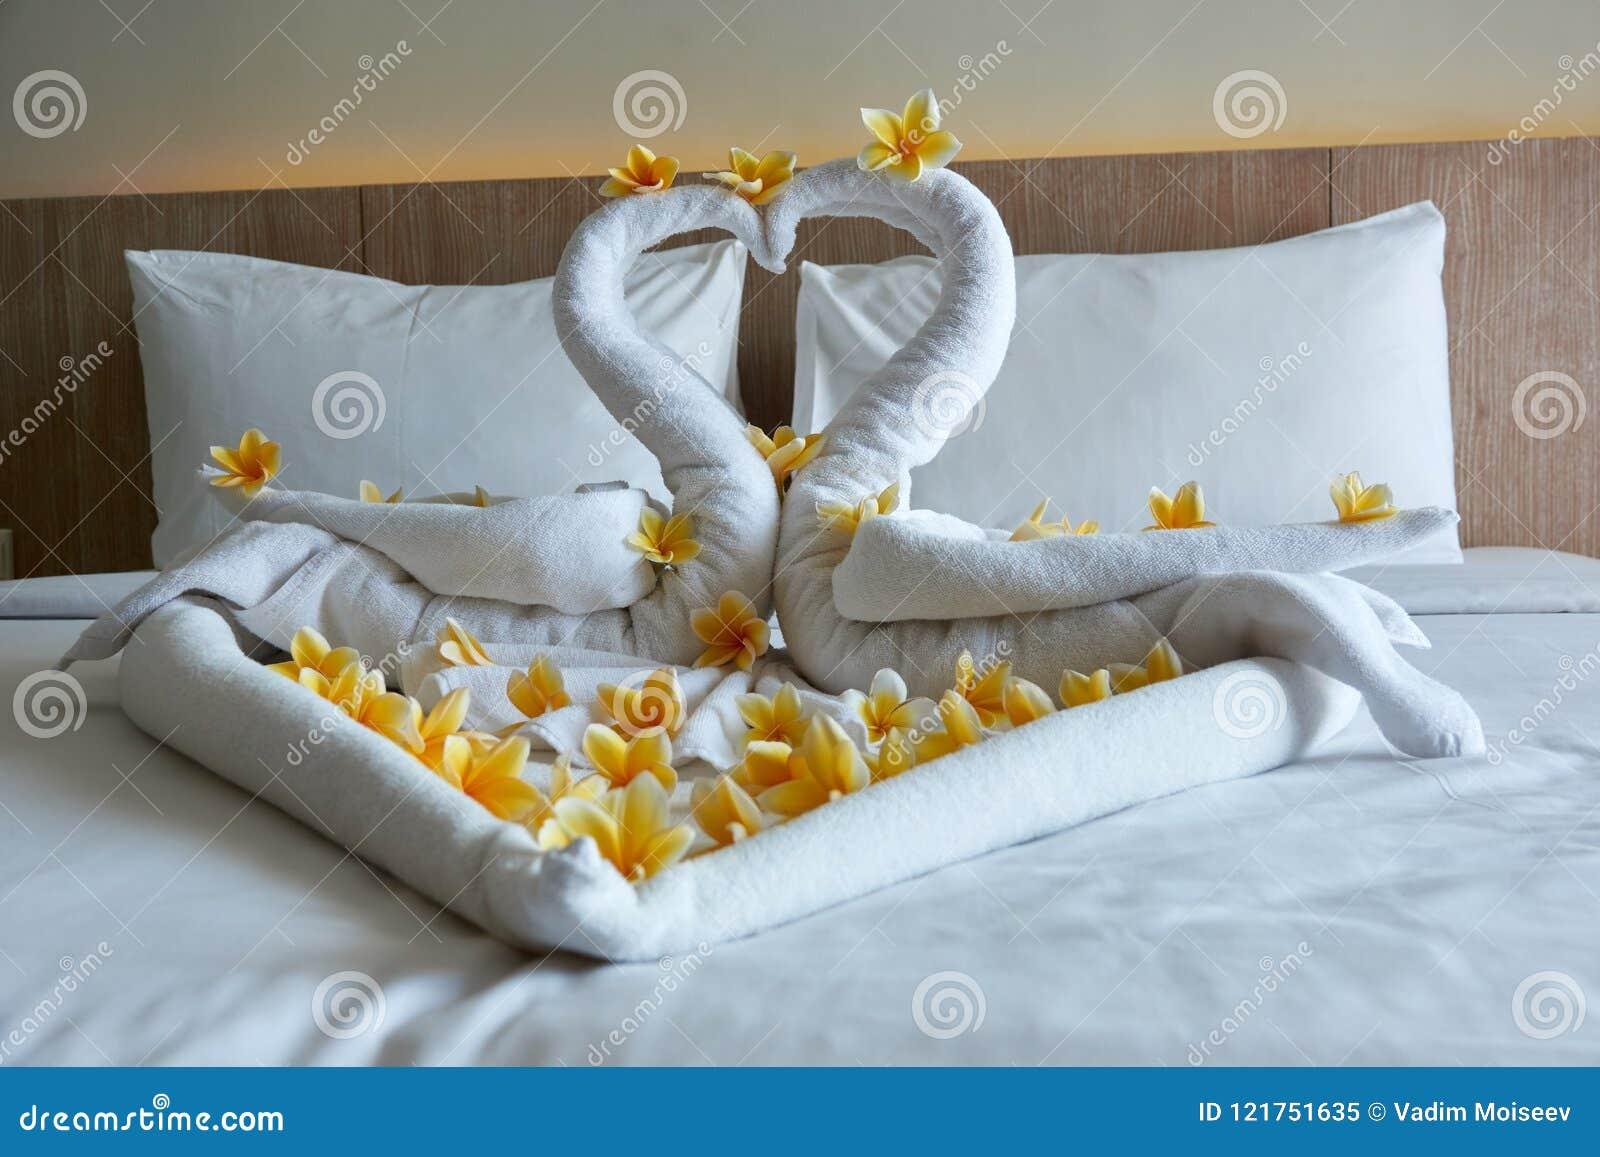 Come Piegare Gli Asciugamani In Albergo : Asciugamano piegato a cigno piegare asciugamano a cigno piegare